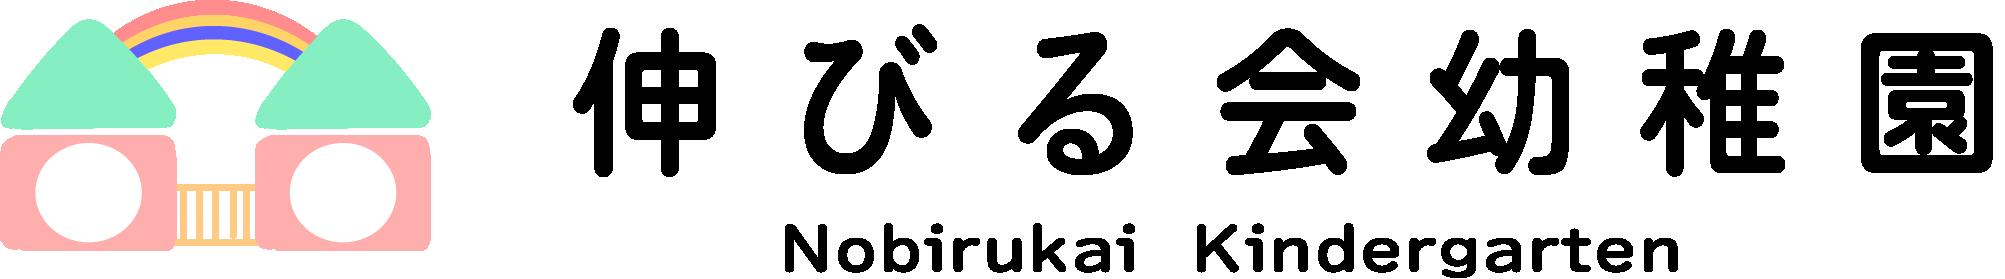 NOBIRUKAI